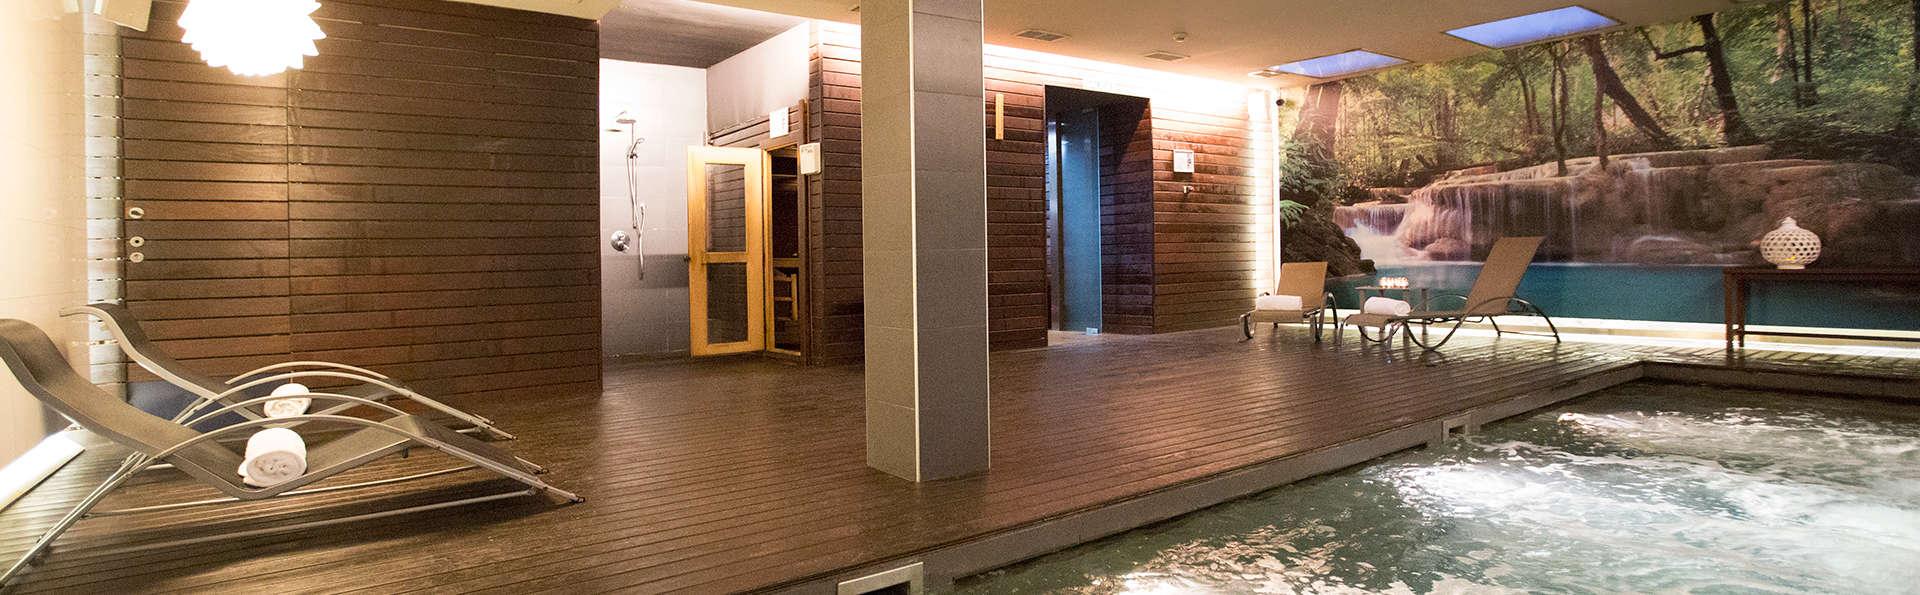 Spa Lovers: descubre Valencia en pleno centro, en un hotel hospes de lujo con spa incluido